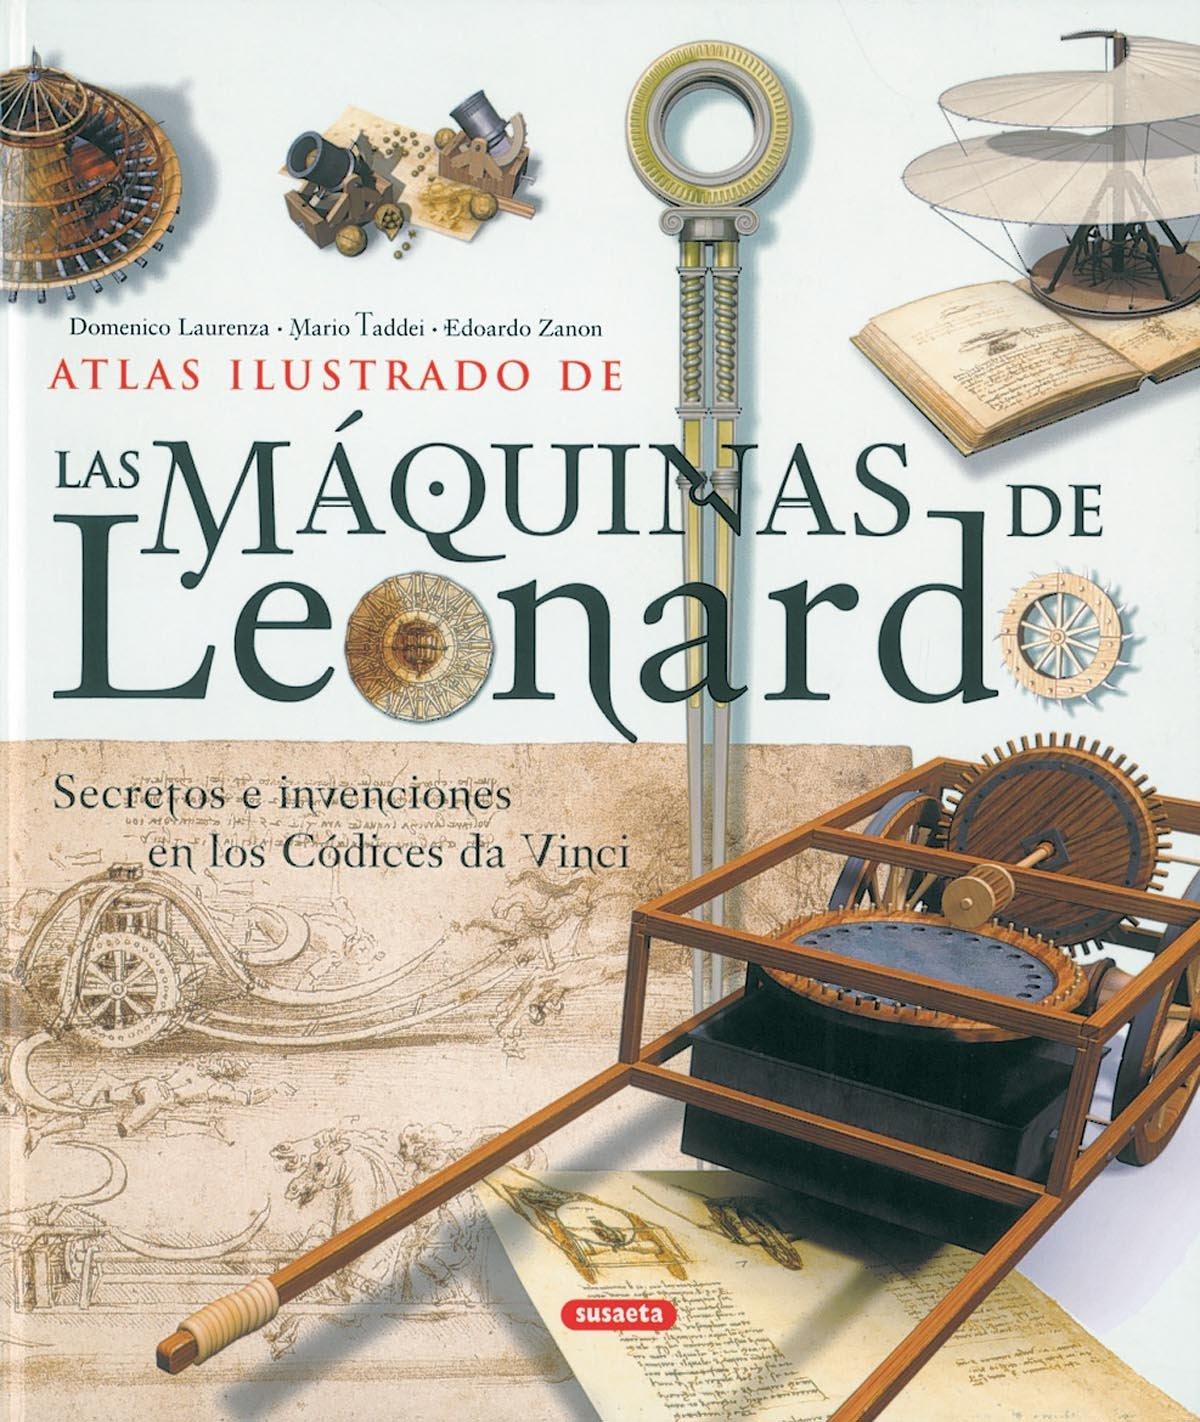 Maquinas De Leonardo,Atlas Ilustrado: Amazon.es: Domenico Laurenza, Mario Taddei, Edoardo Zanon, Equipo Susaeta: Libros